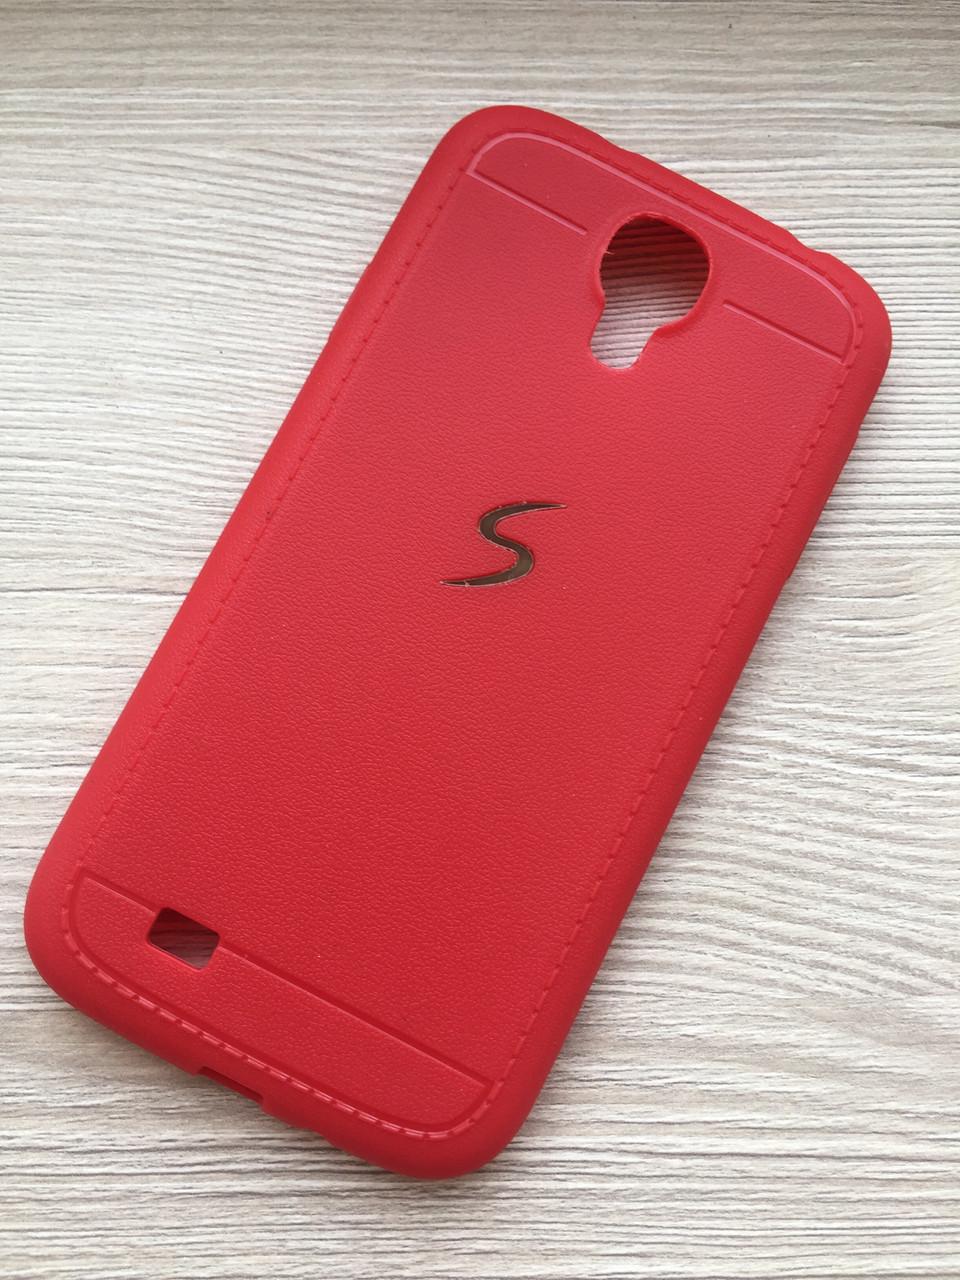 Матовый силиконовый красный чехол Samsung S4 i9500 в упаковке